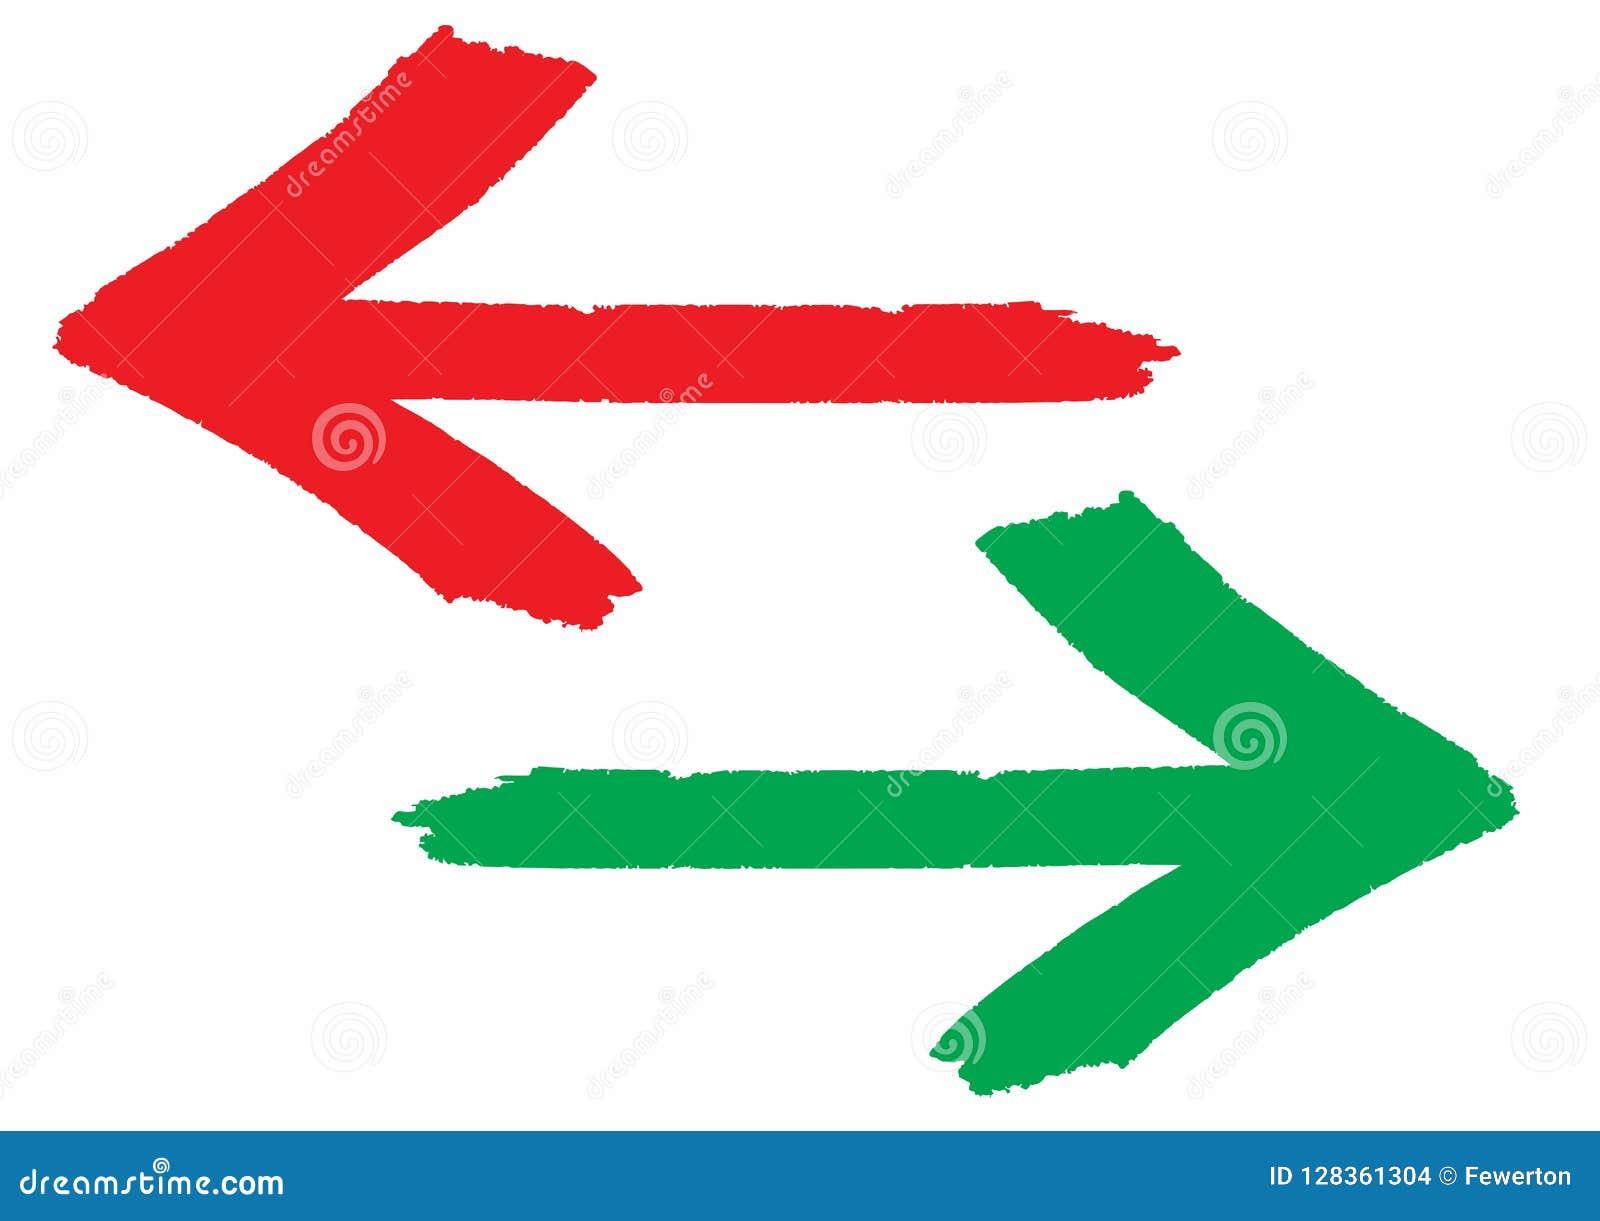 De rode en groene die grungy tekens van de pijlenrichting met handborstel worden geschilderd met ruwe overzichtsslag